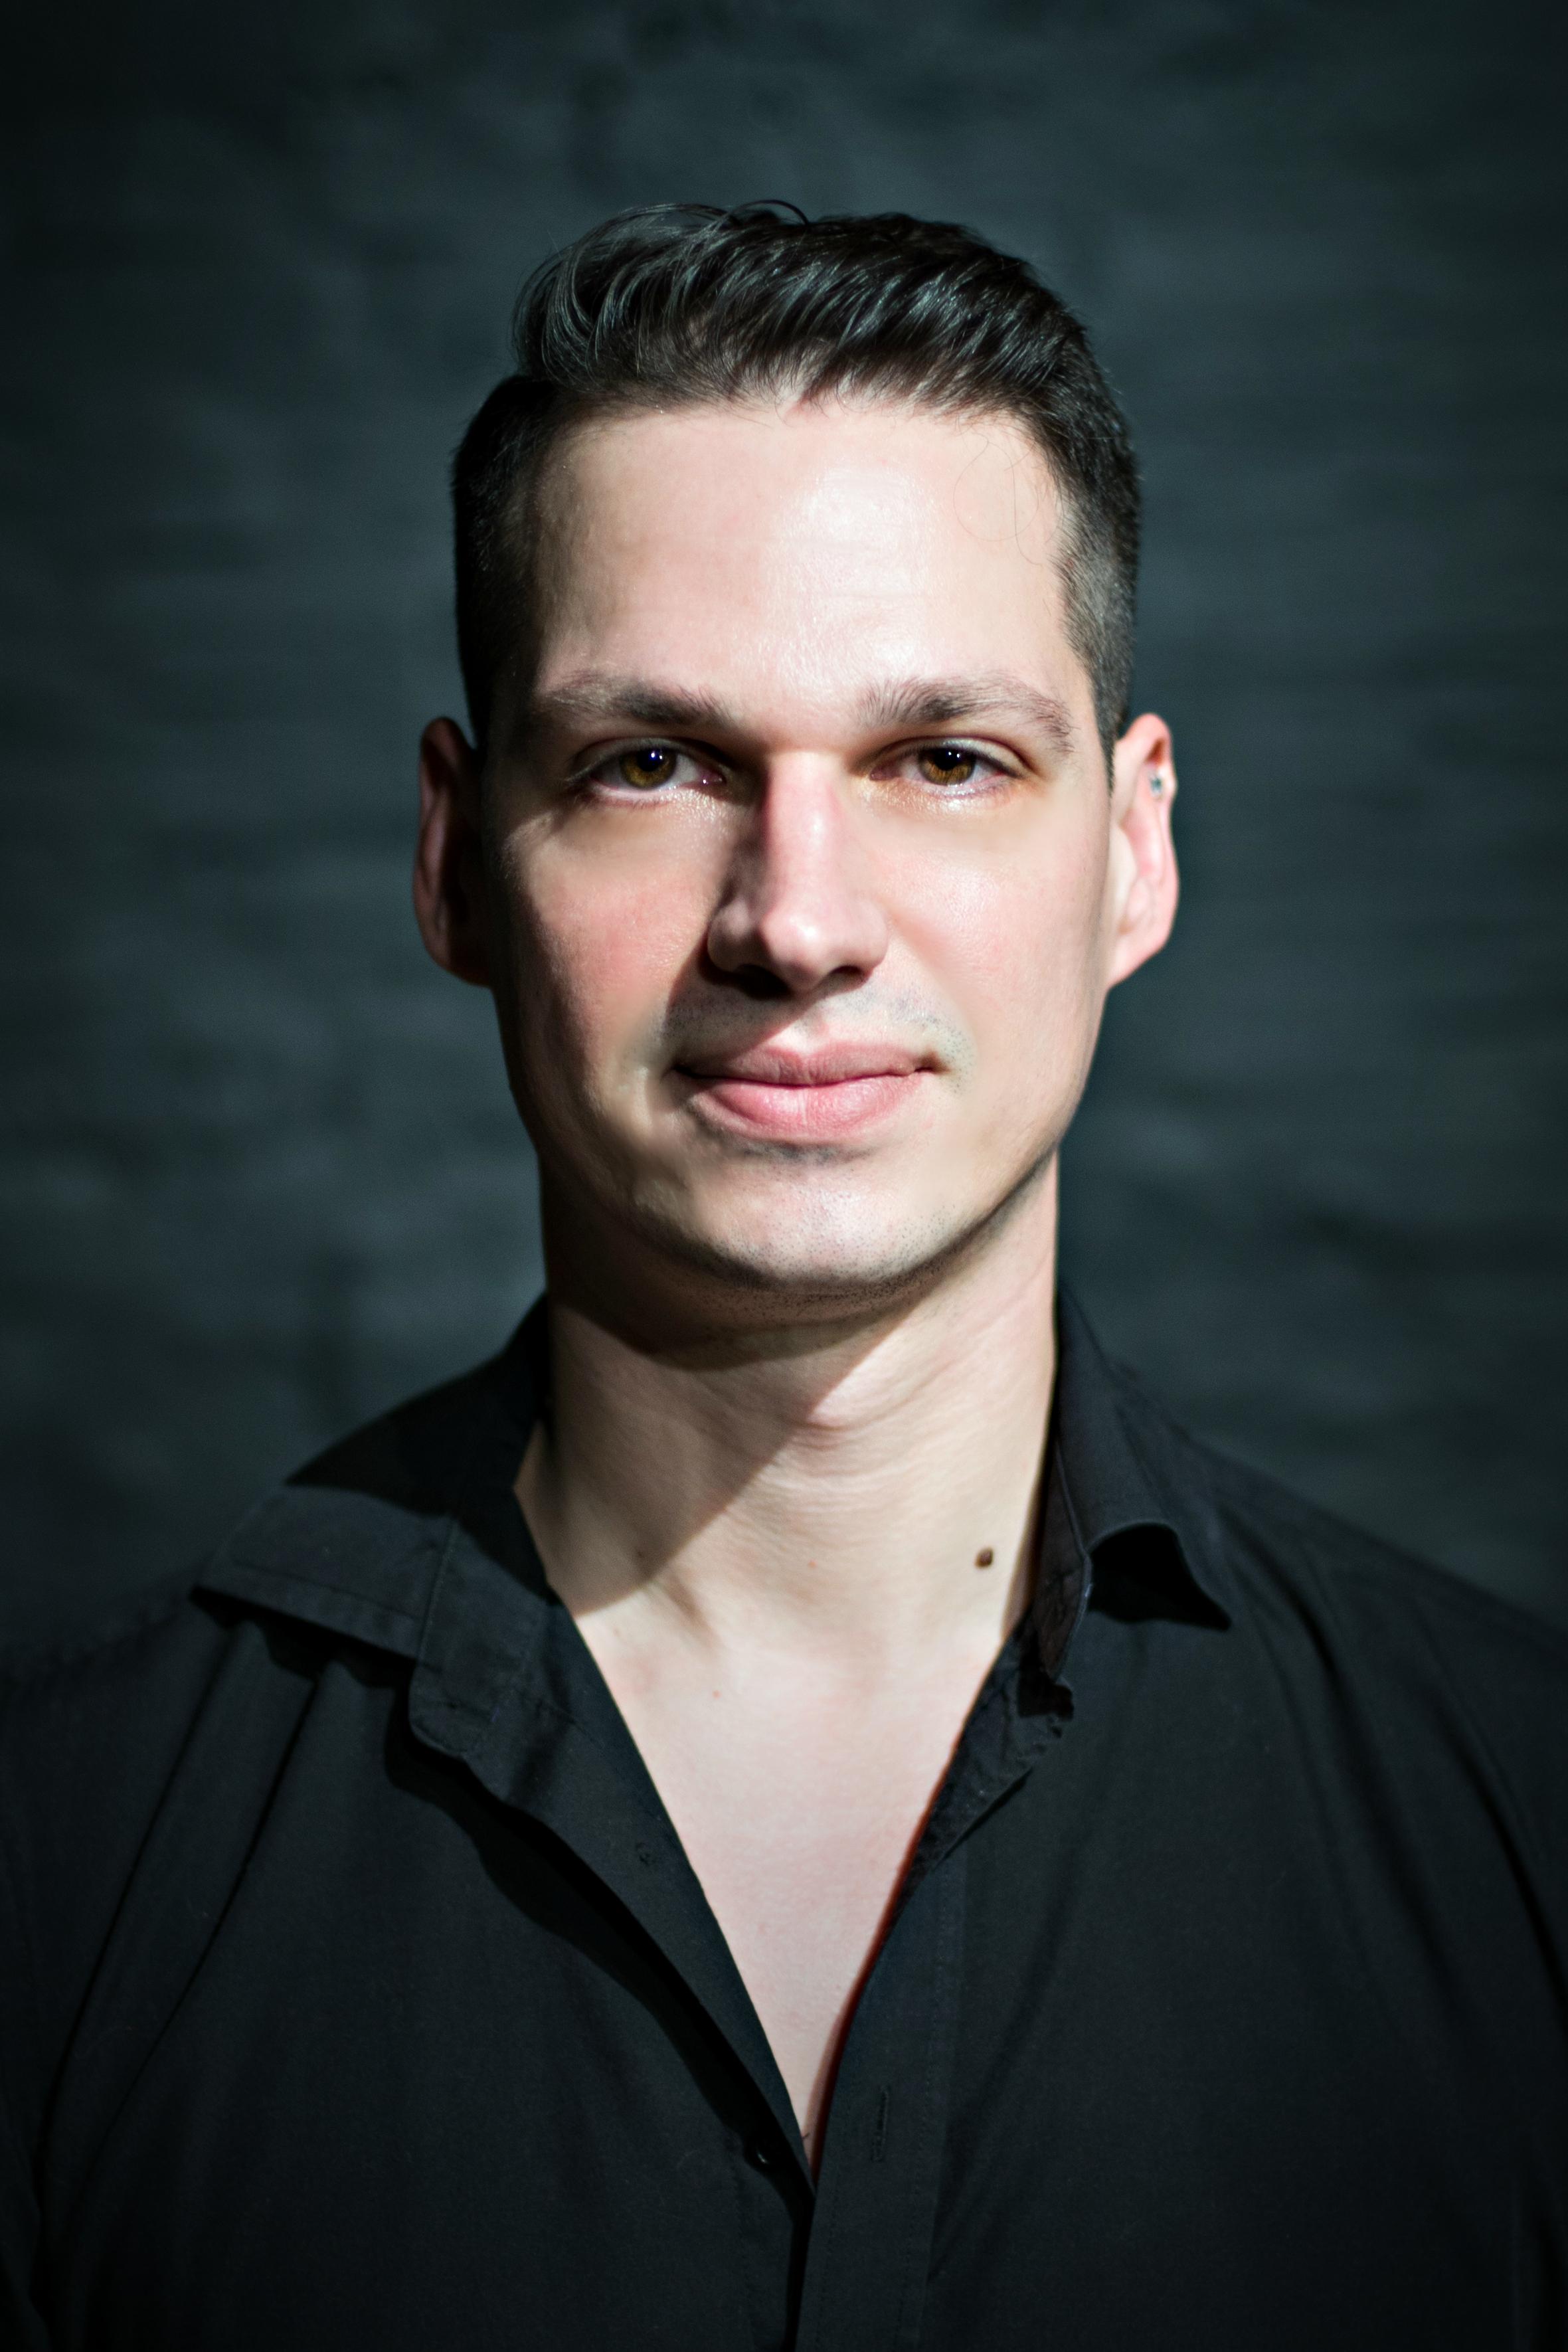 Jeremy Thomas-Poulsen